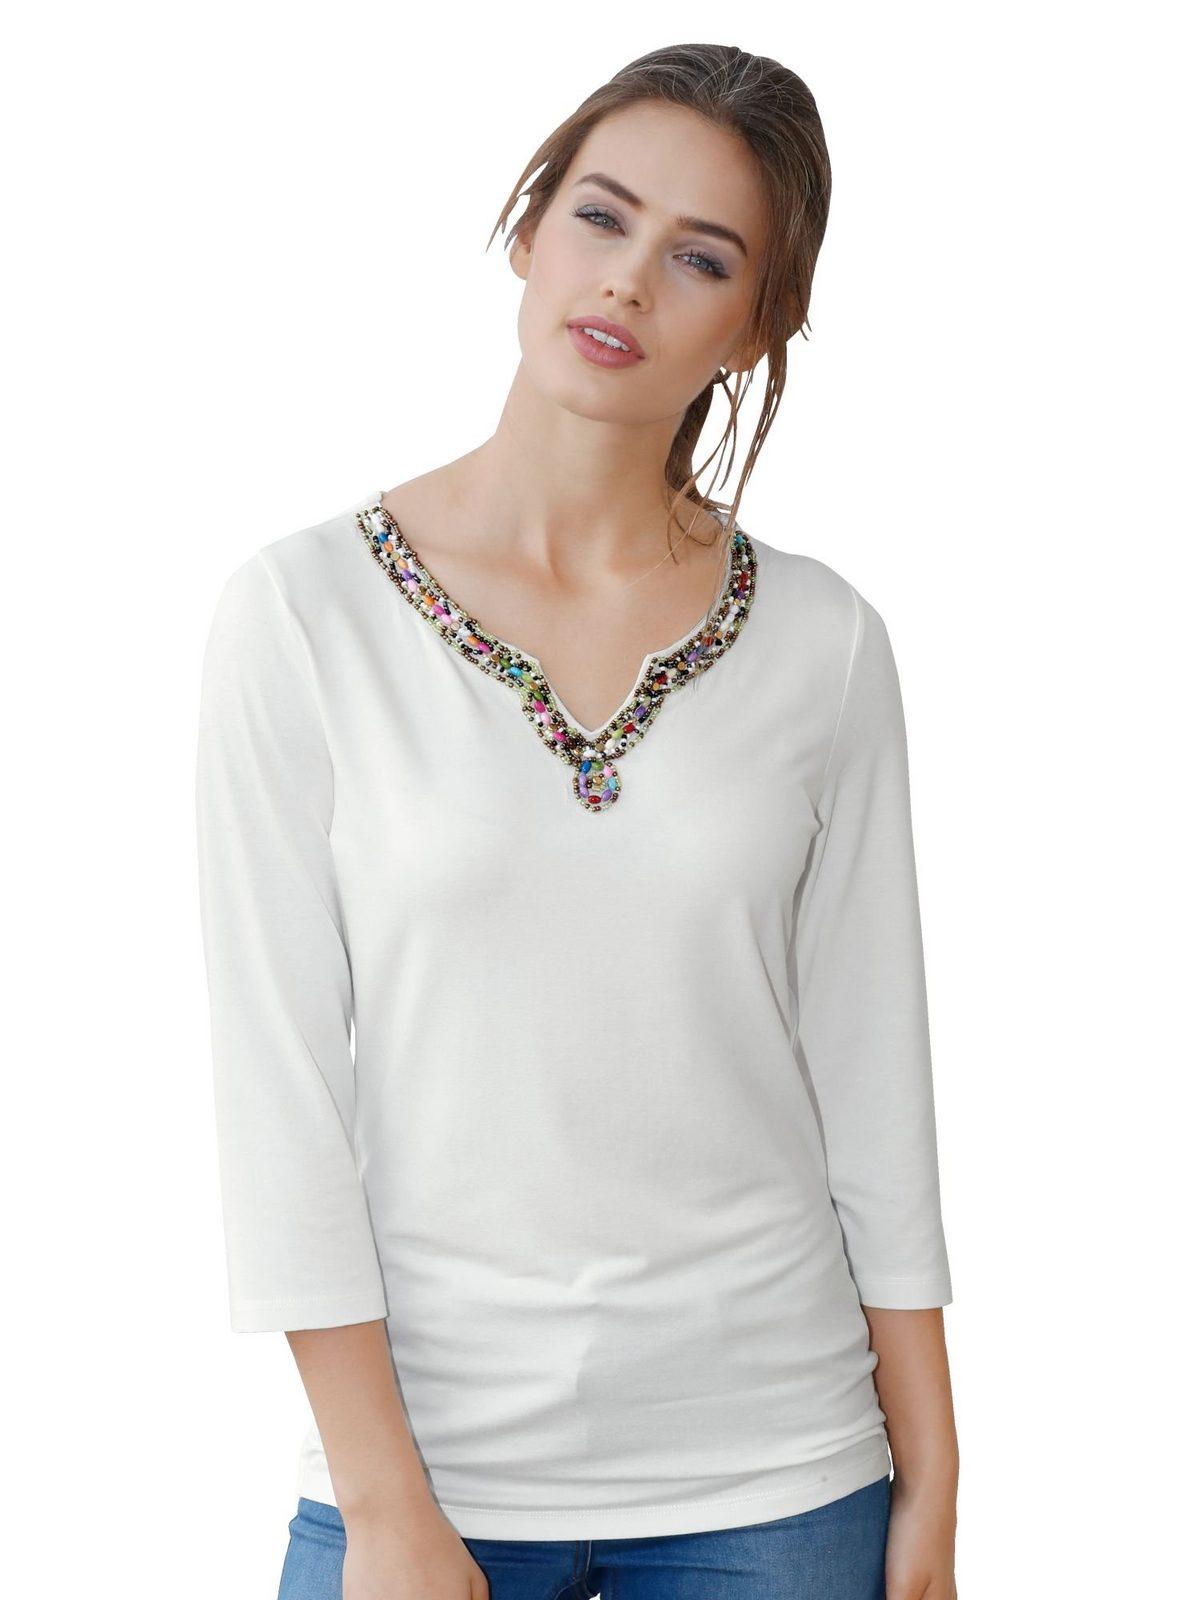 Amy Vermont Shirt mit bunter Perlendekoration